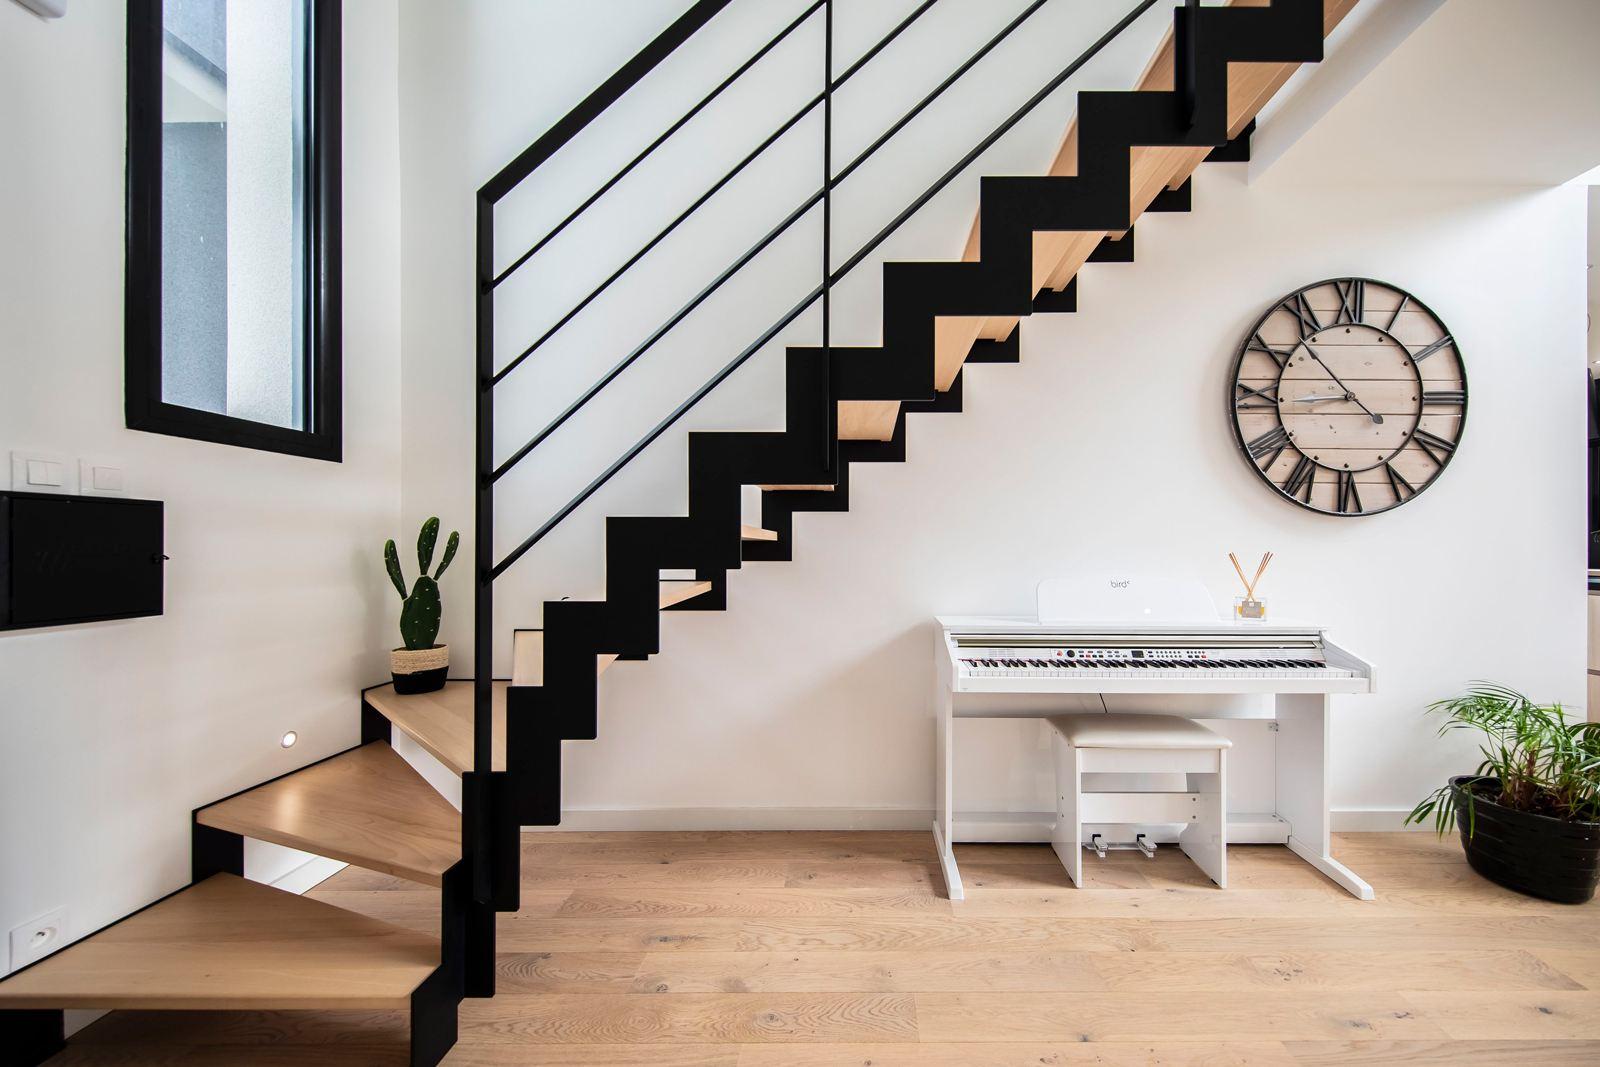 Escalier design en métal et bois